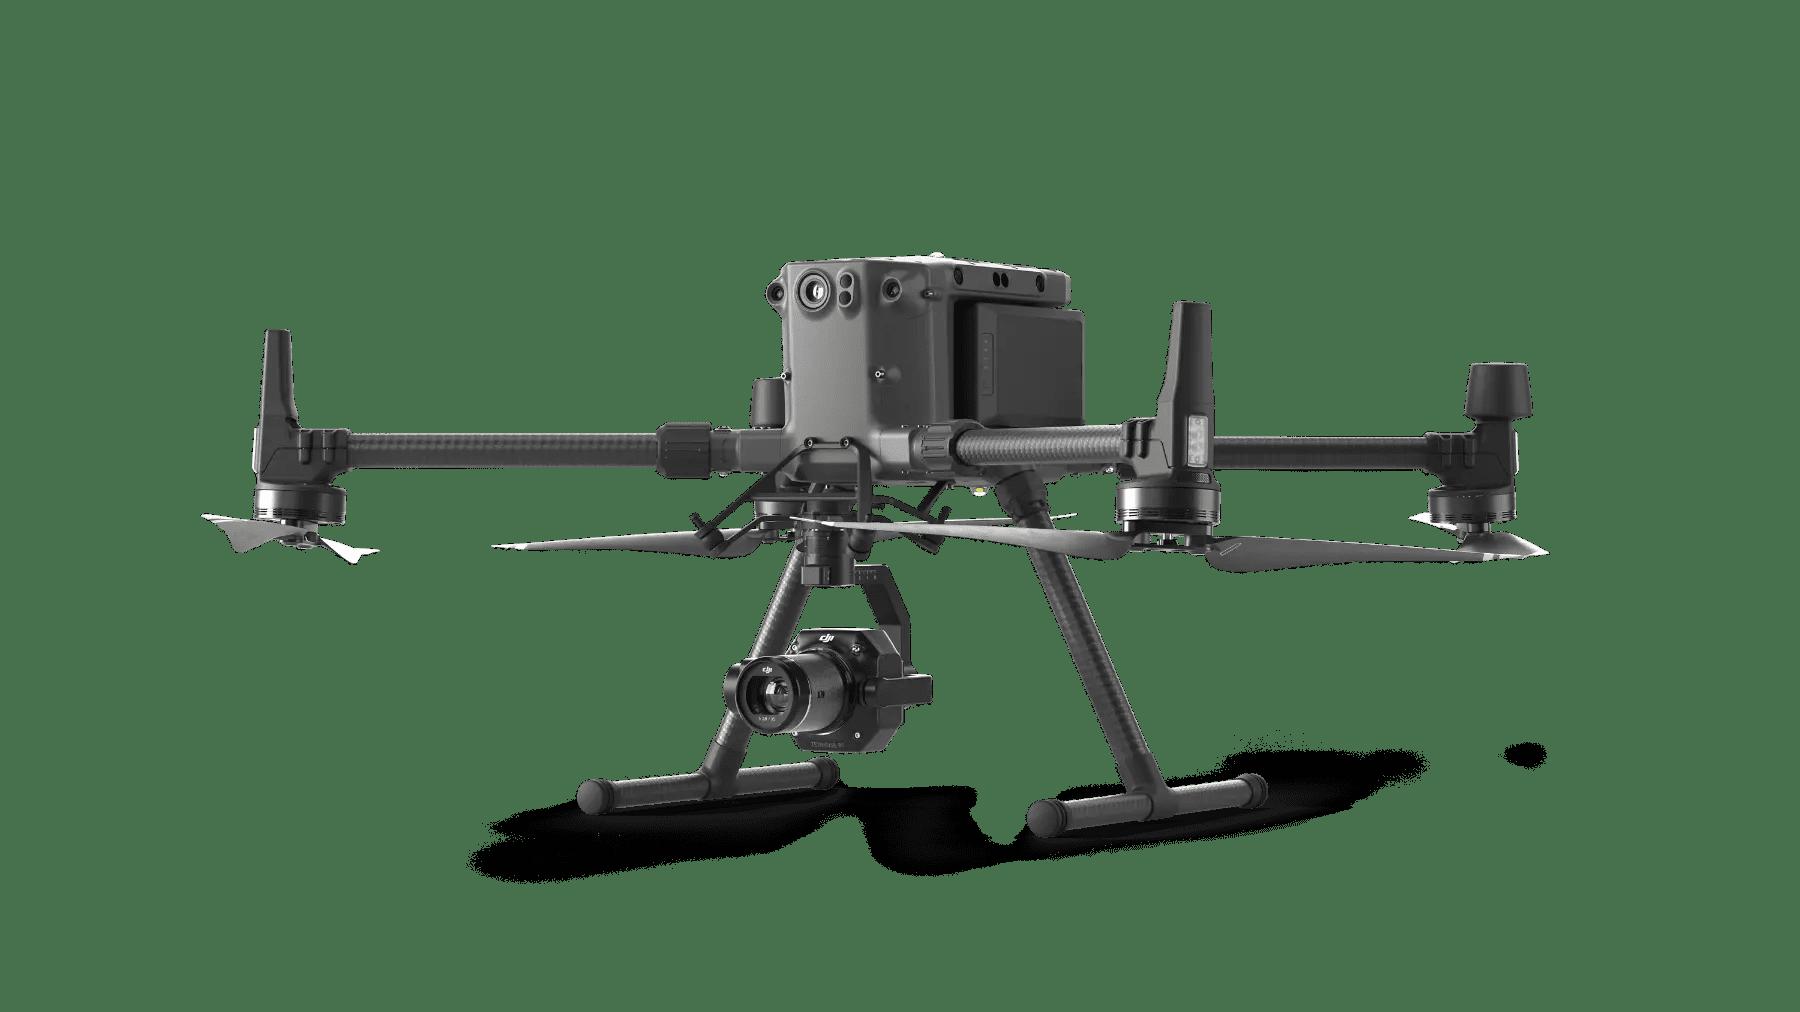 dji m300 drone